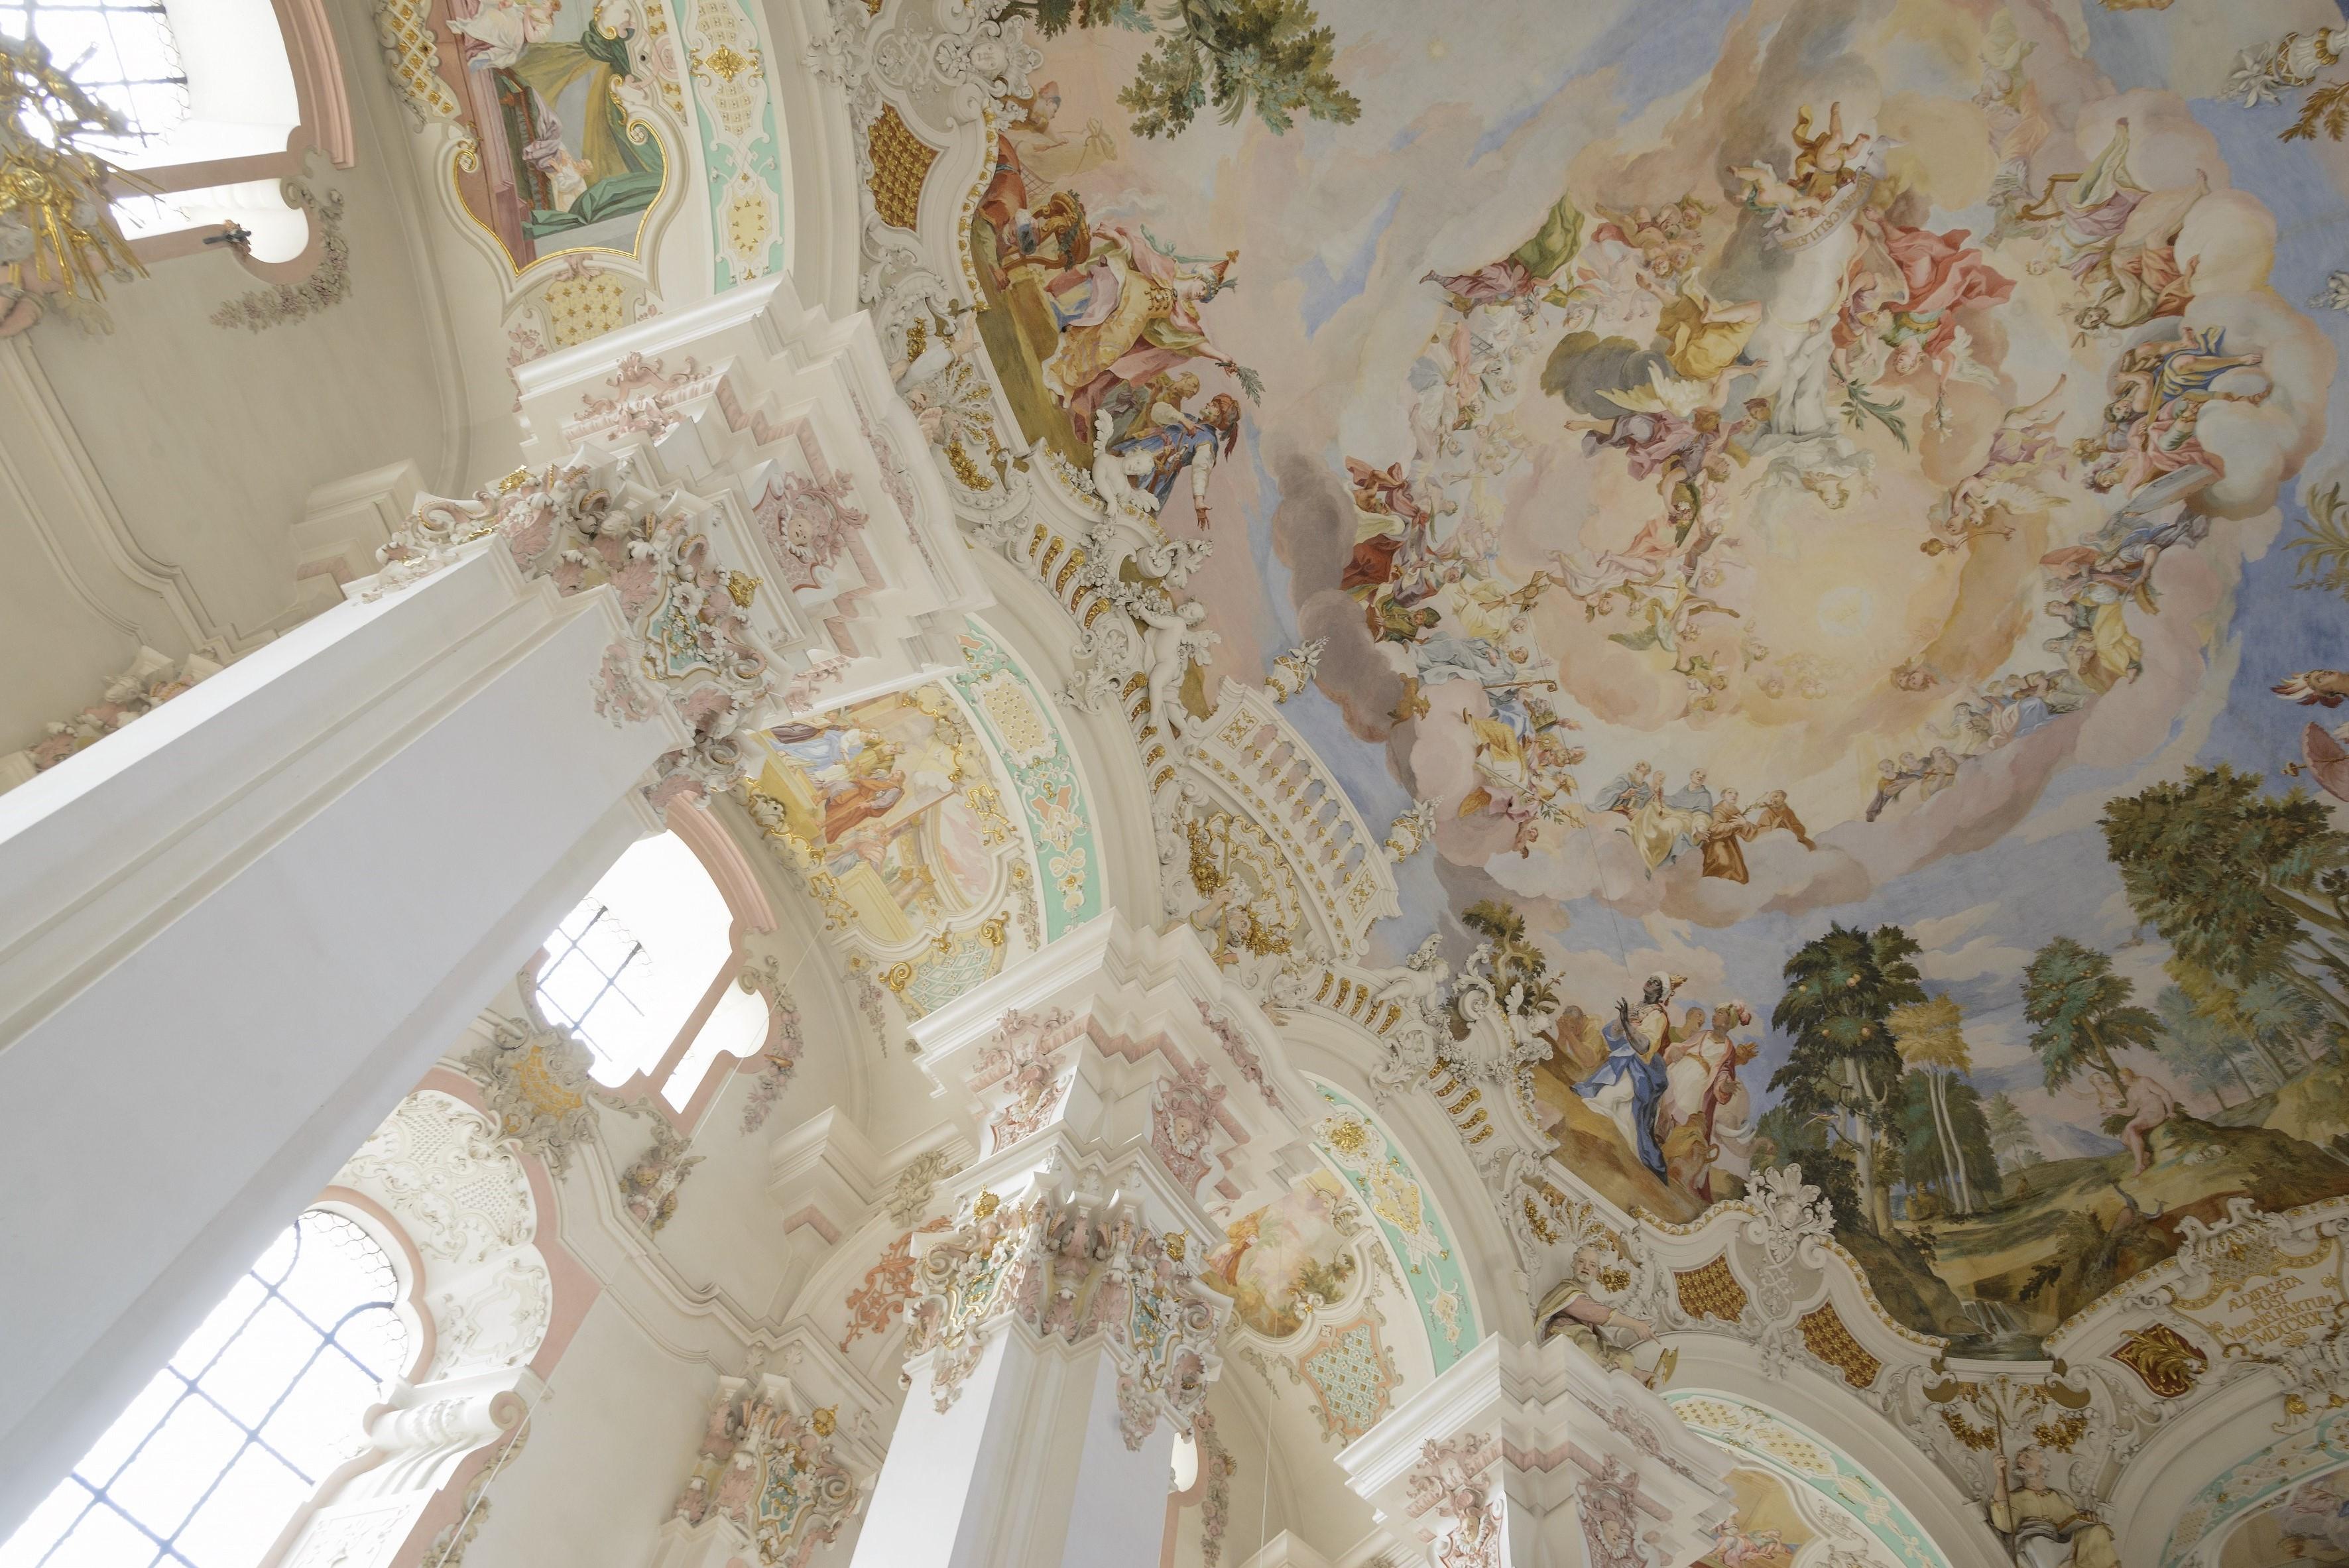 Deckenfresko Wallfahrtskirche Steinhausen ©Oberschwaben Tourismus GmbH, Frank Müller